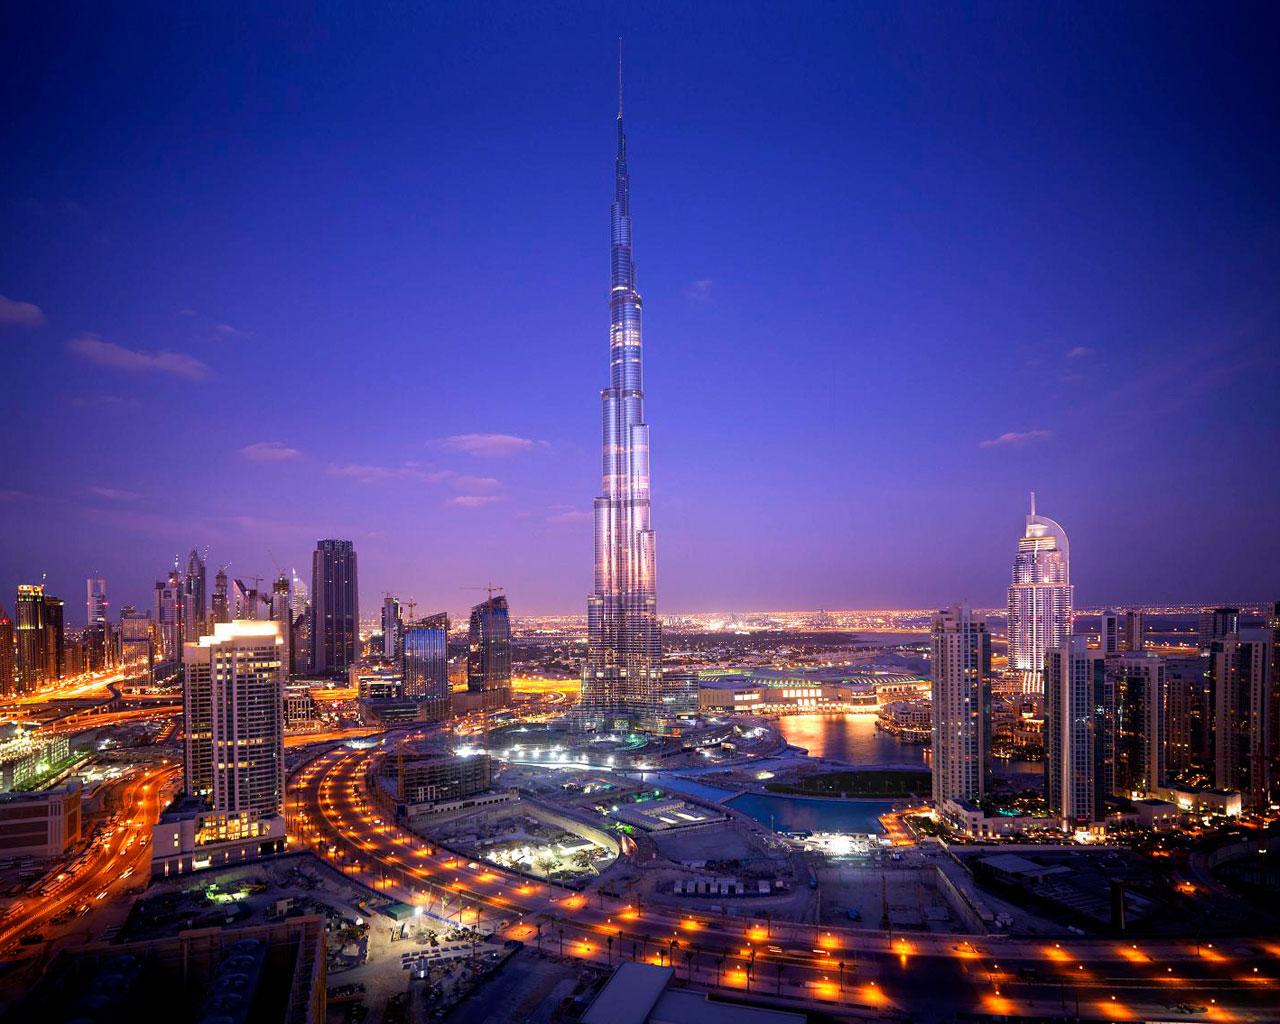 http://2.bp.blogspot.com/-K1Q9IBihkGE/UIMNbZehC0I/AAAAAAAAGE8/cO0GyC6fqBs/s1600/Burj+Khalifa+Wallpapers+2012-2013+02.jpg